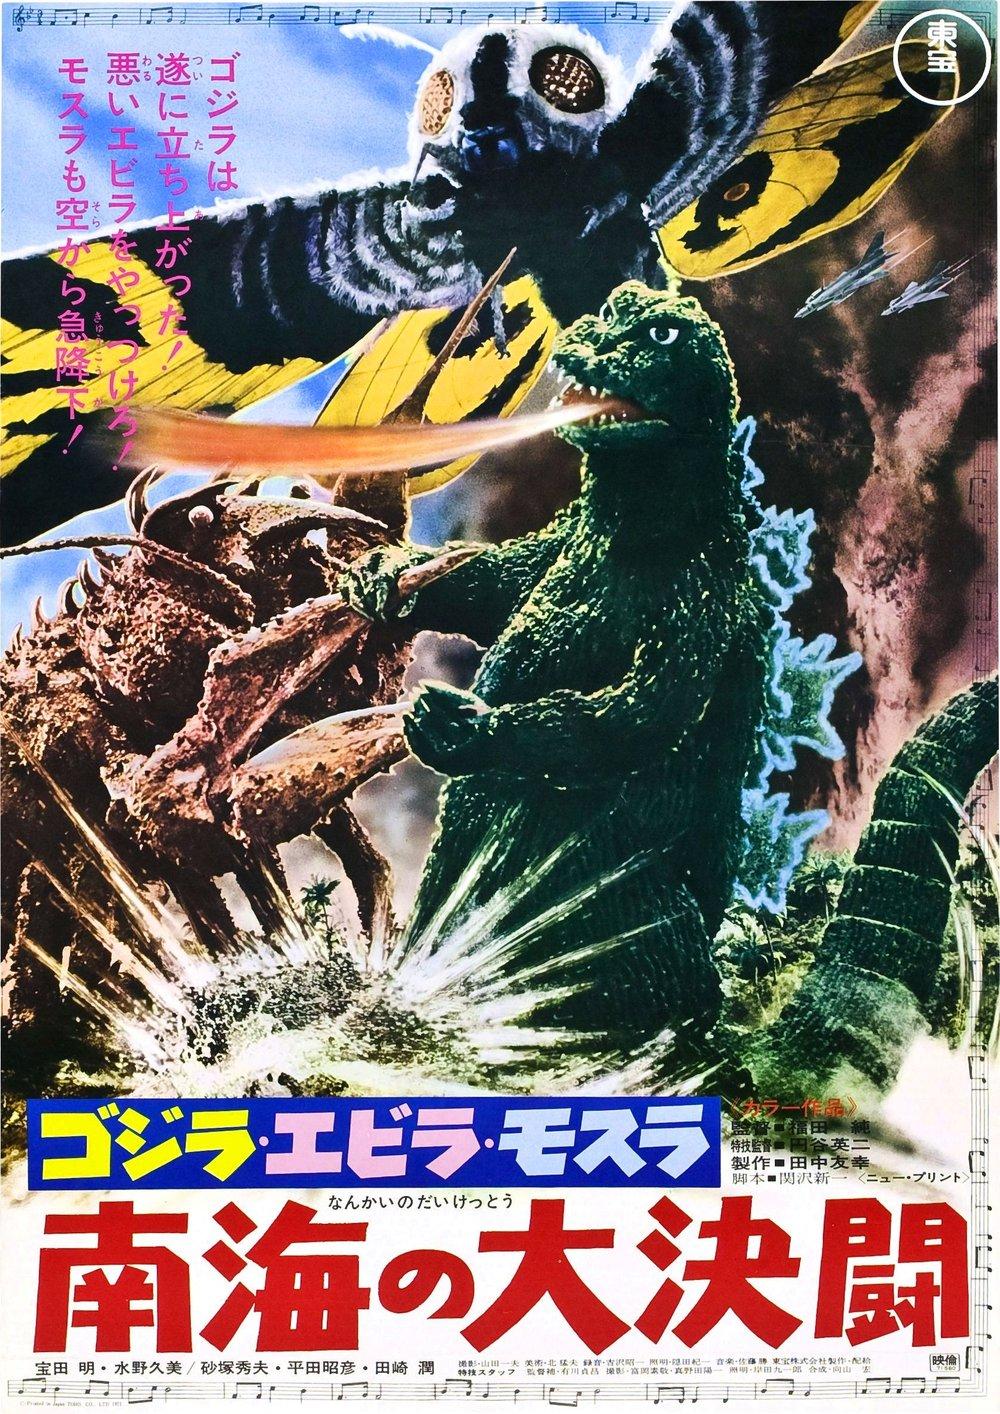 godzilla_vs_sea_monster_poster_02.jpg